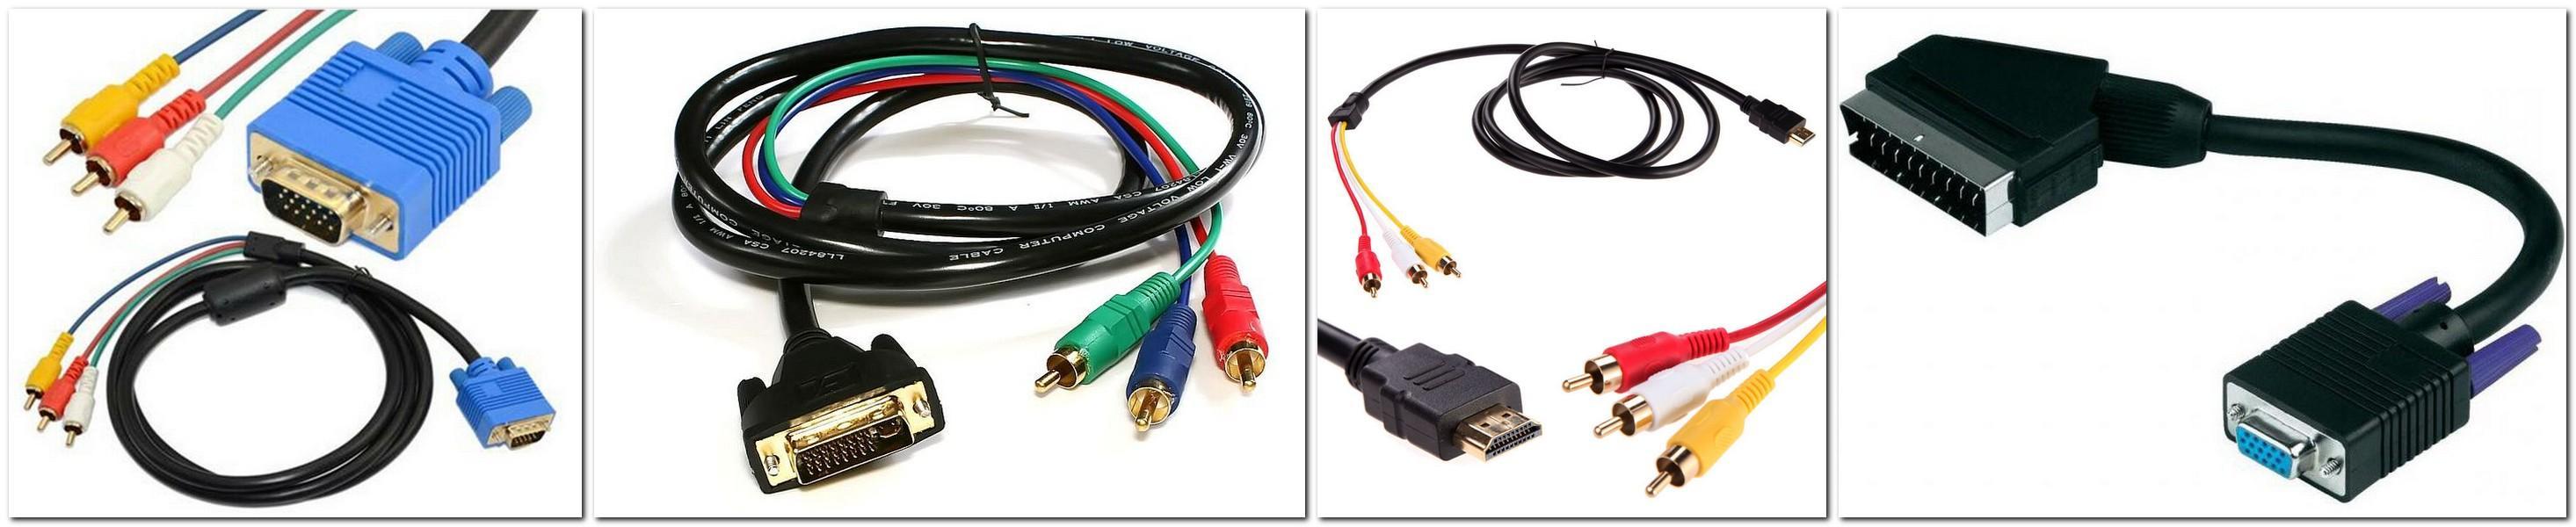 7 способов подключить телевизор к компьютеру: через кабель и без него